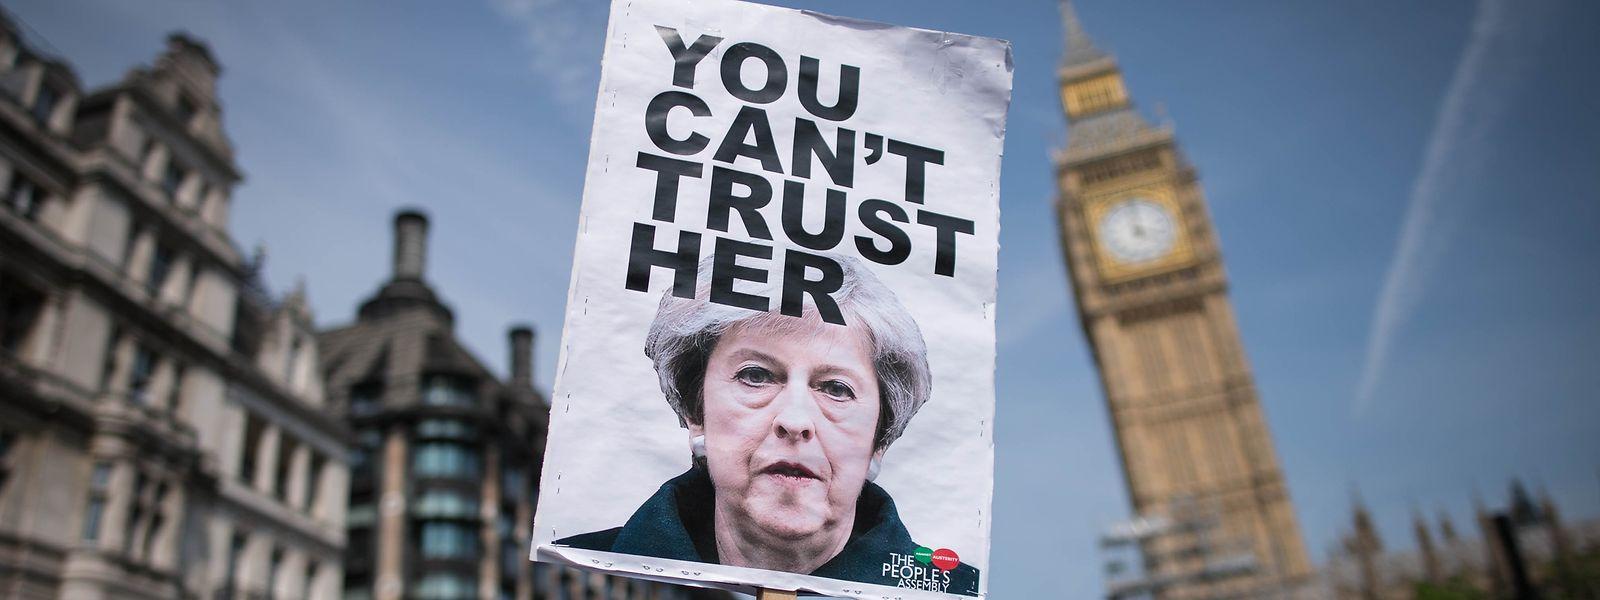 Theresa May hatte eine beispiellose und besonders tiefe künftige Partnerschaft vorgeschlagen, die für einzelne Branchen faktisch weiter Zugang zum EU-Binnenmarkt bedeuten würde.